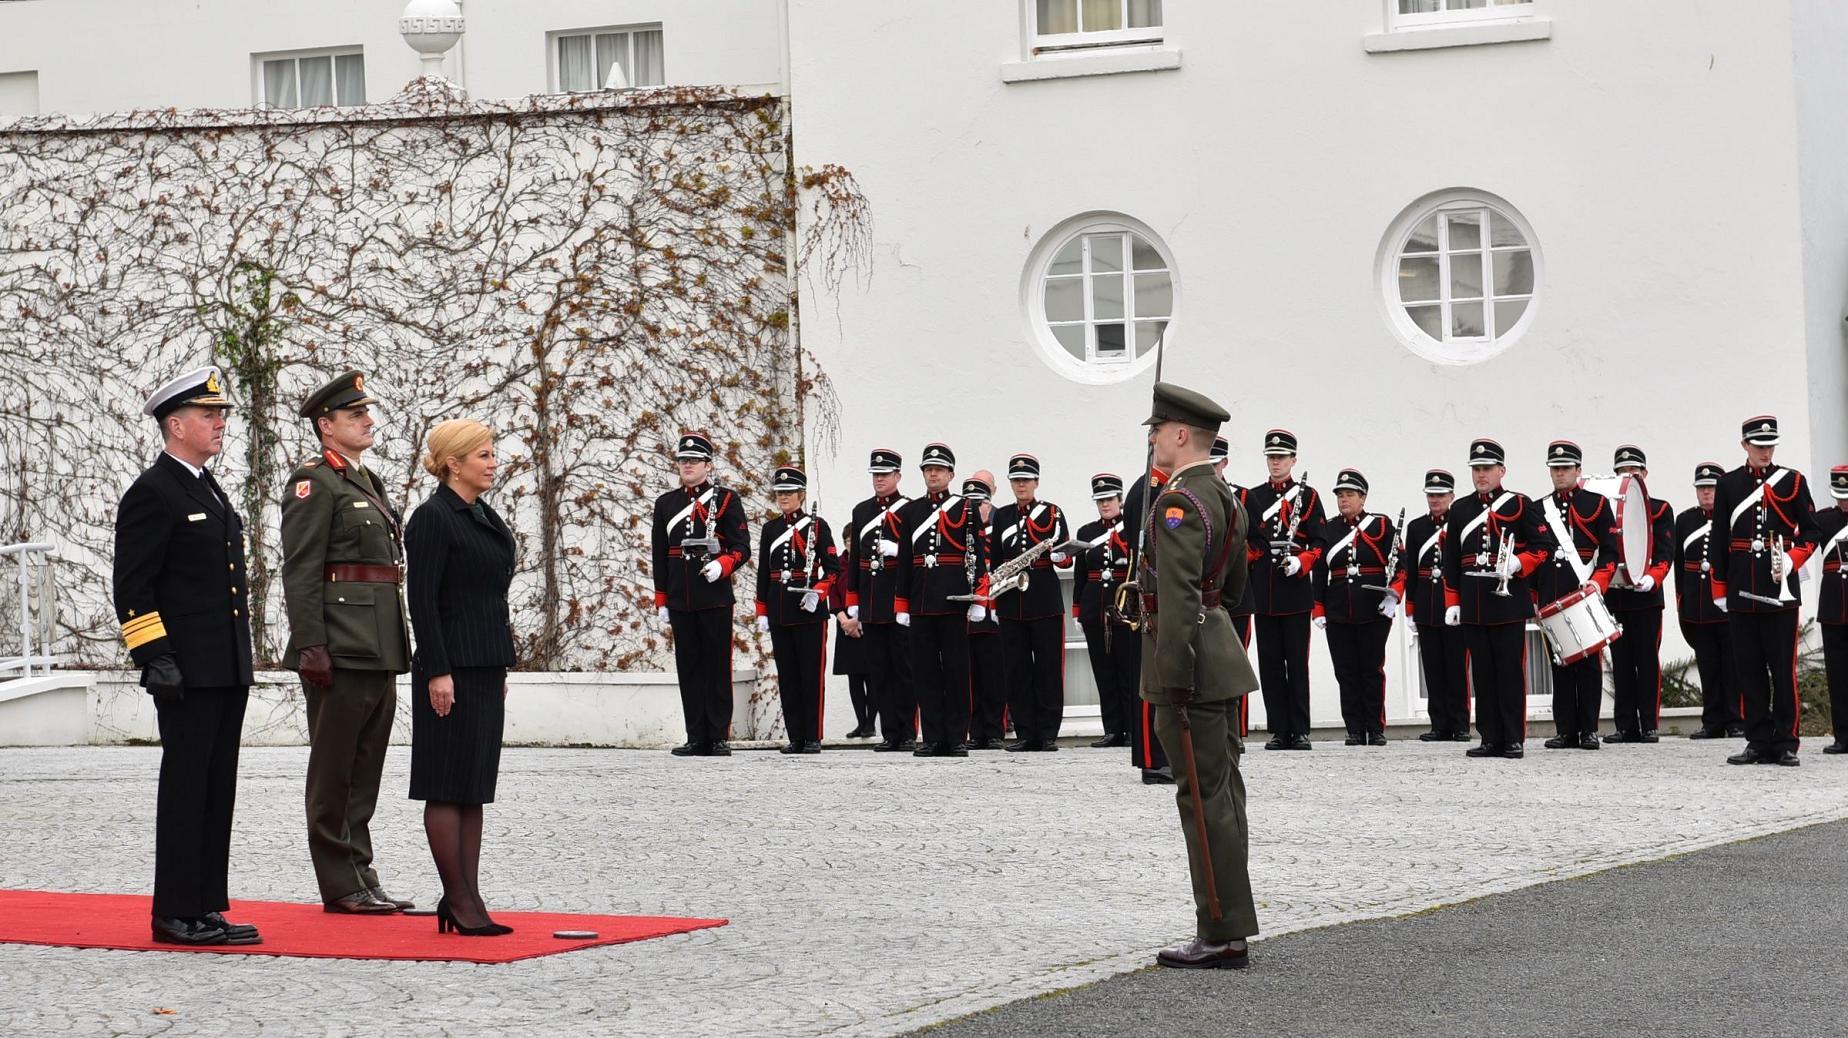 Predsjednica Republike u državnom posjetu Irskoj